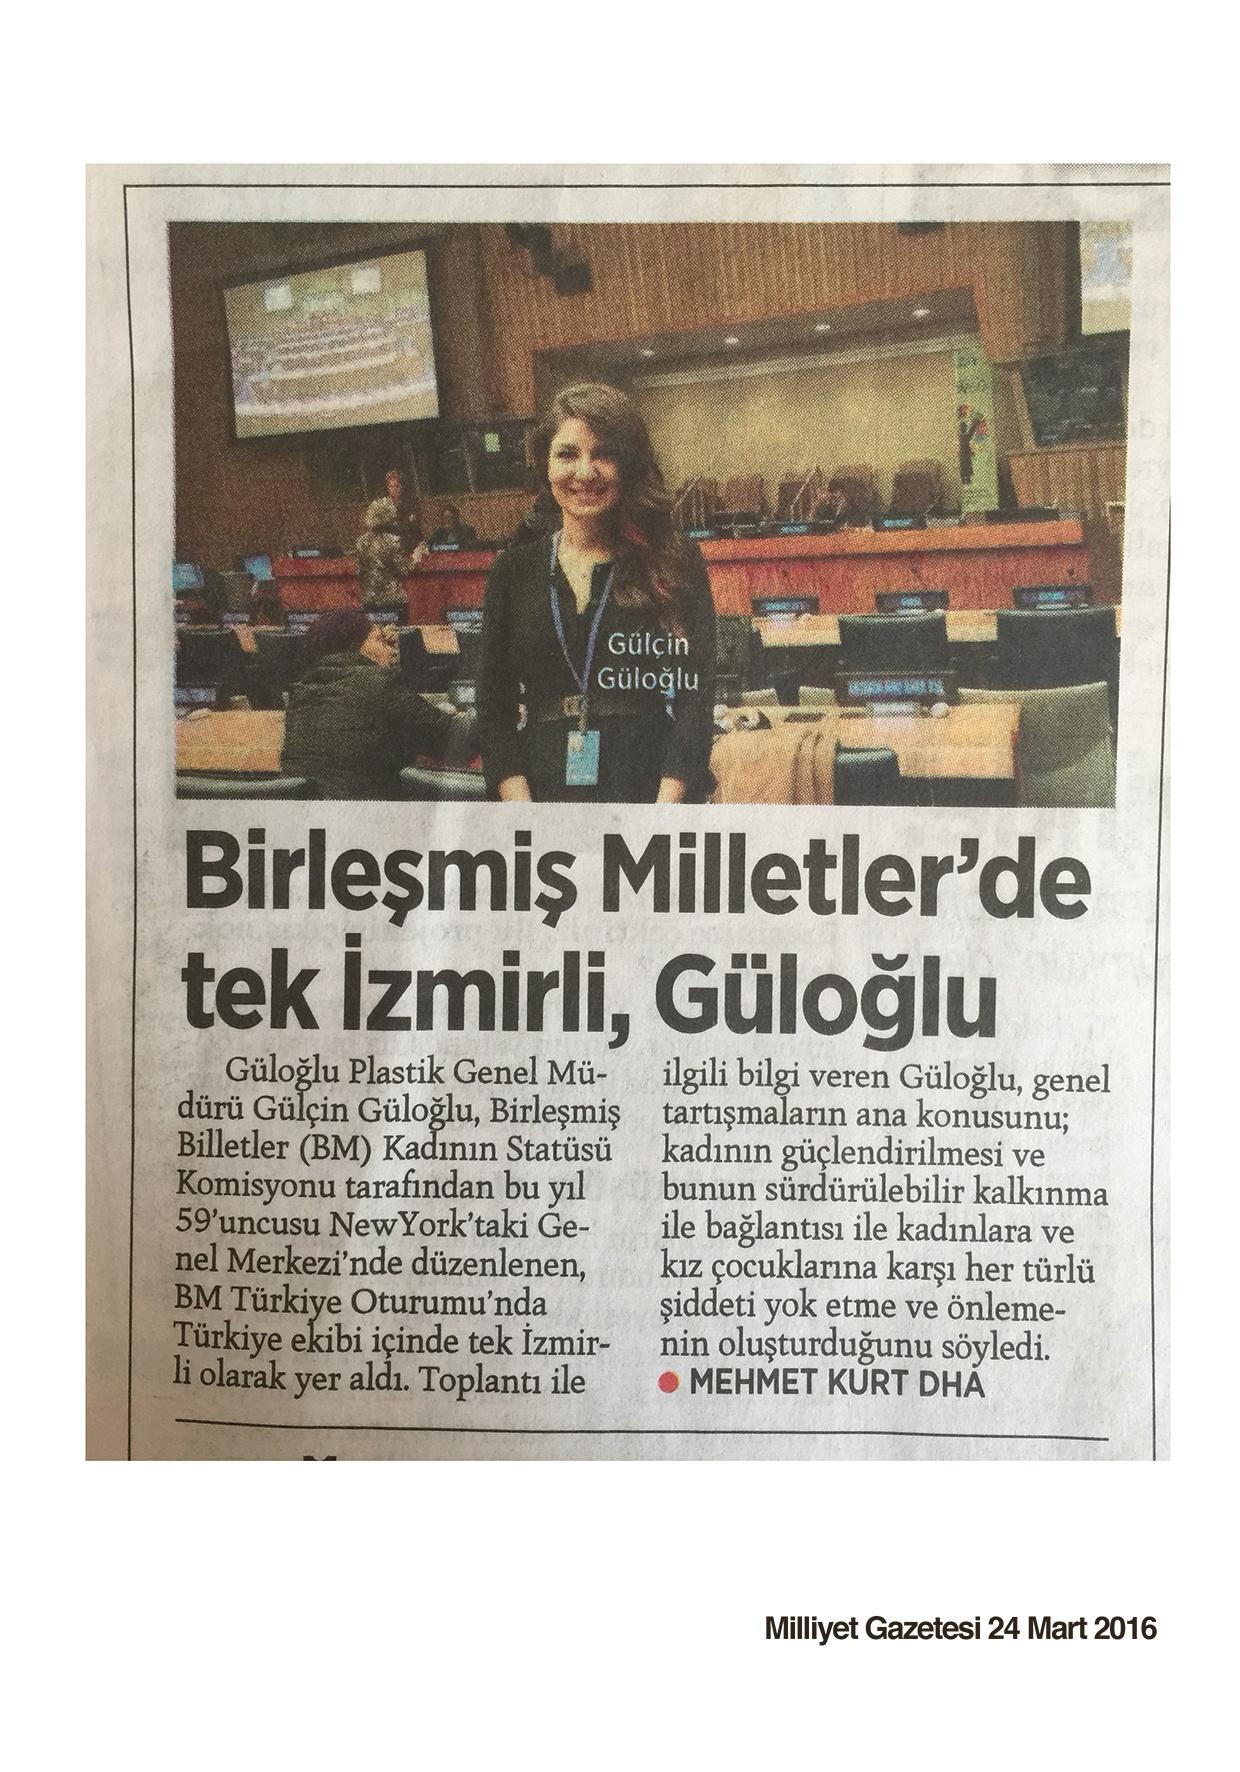 birlesmis_milletler_izmir_gulcin_guloglu_plastik_haber_liyakat1